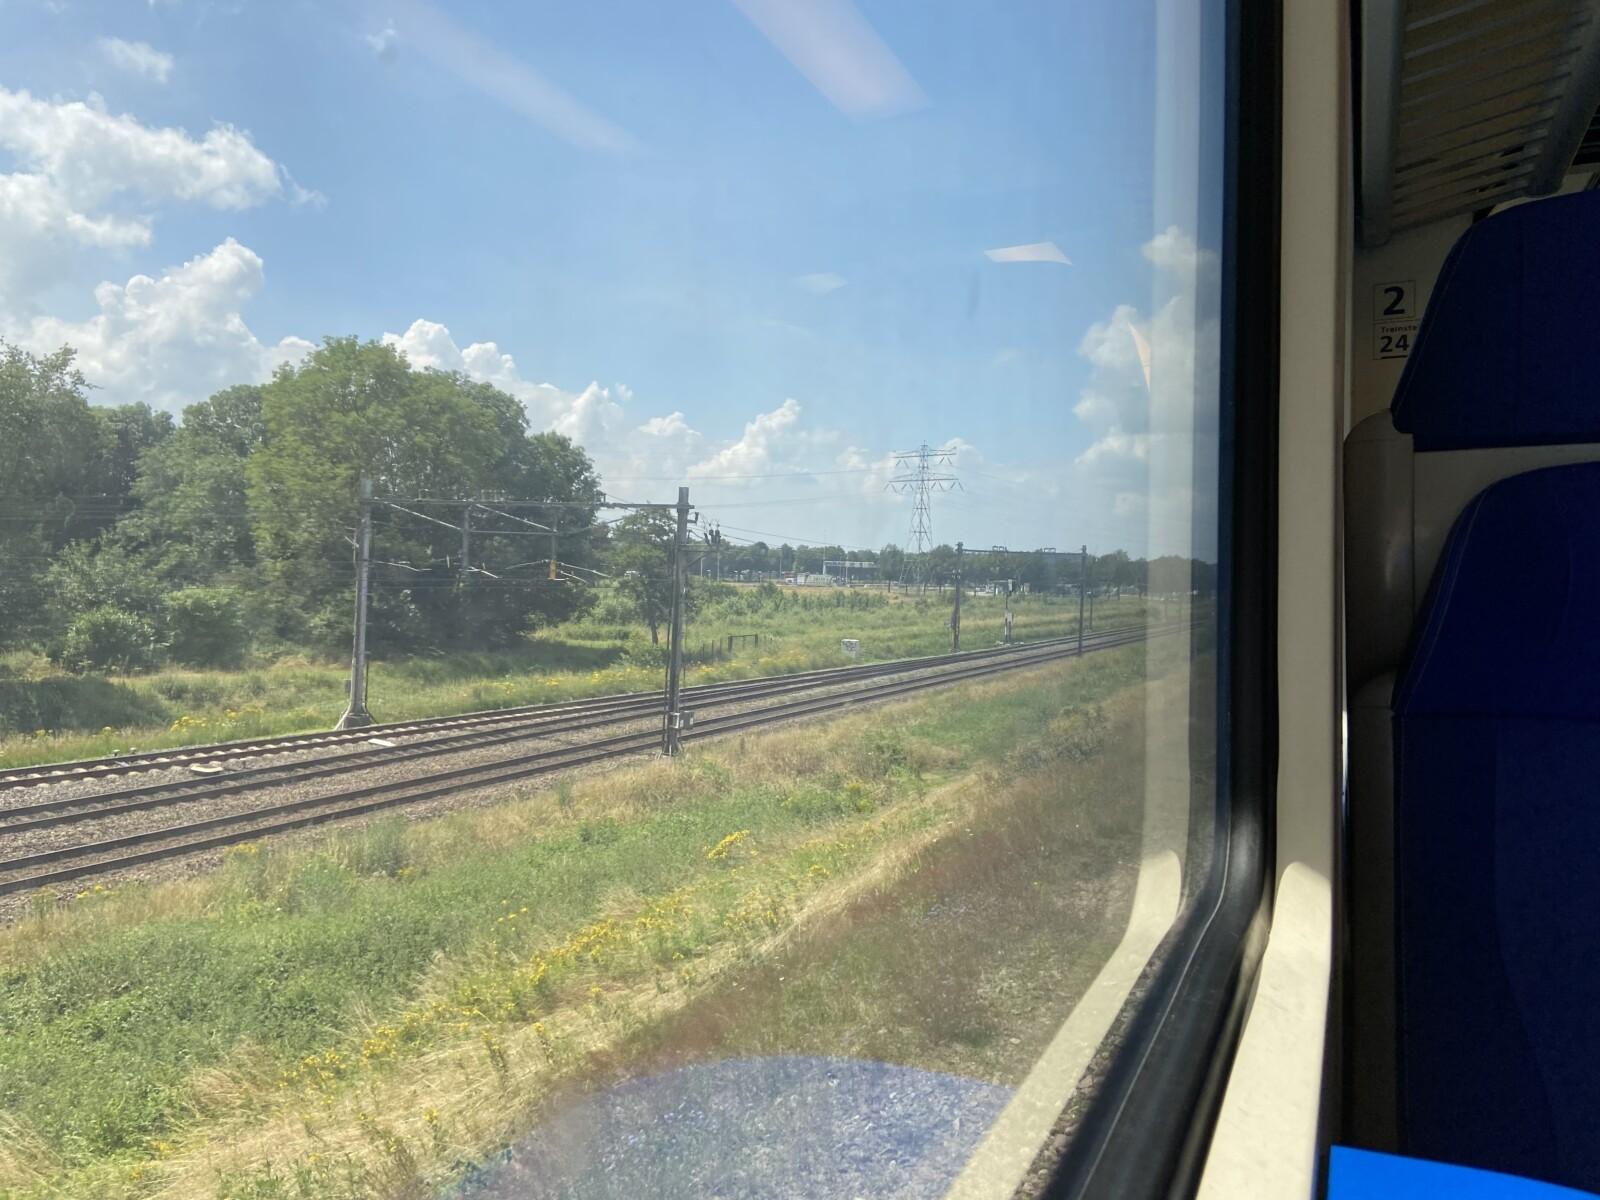 Fly-over A12 / spoorlijn